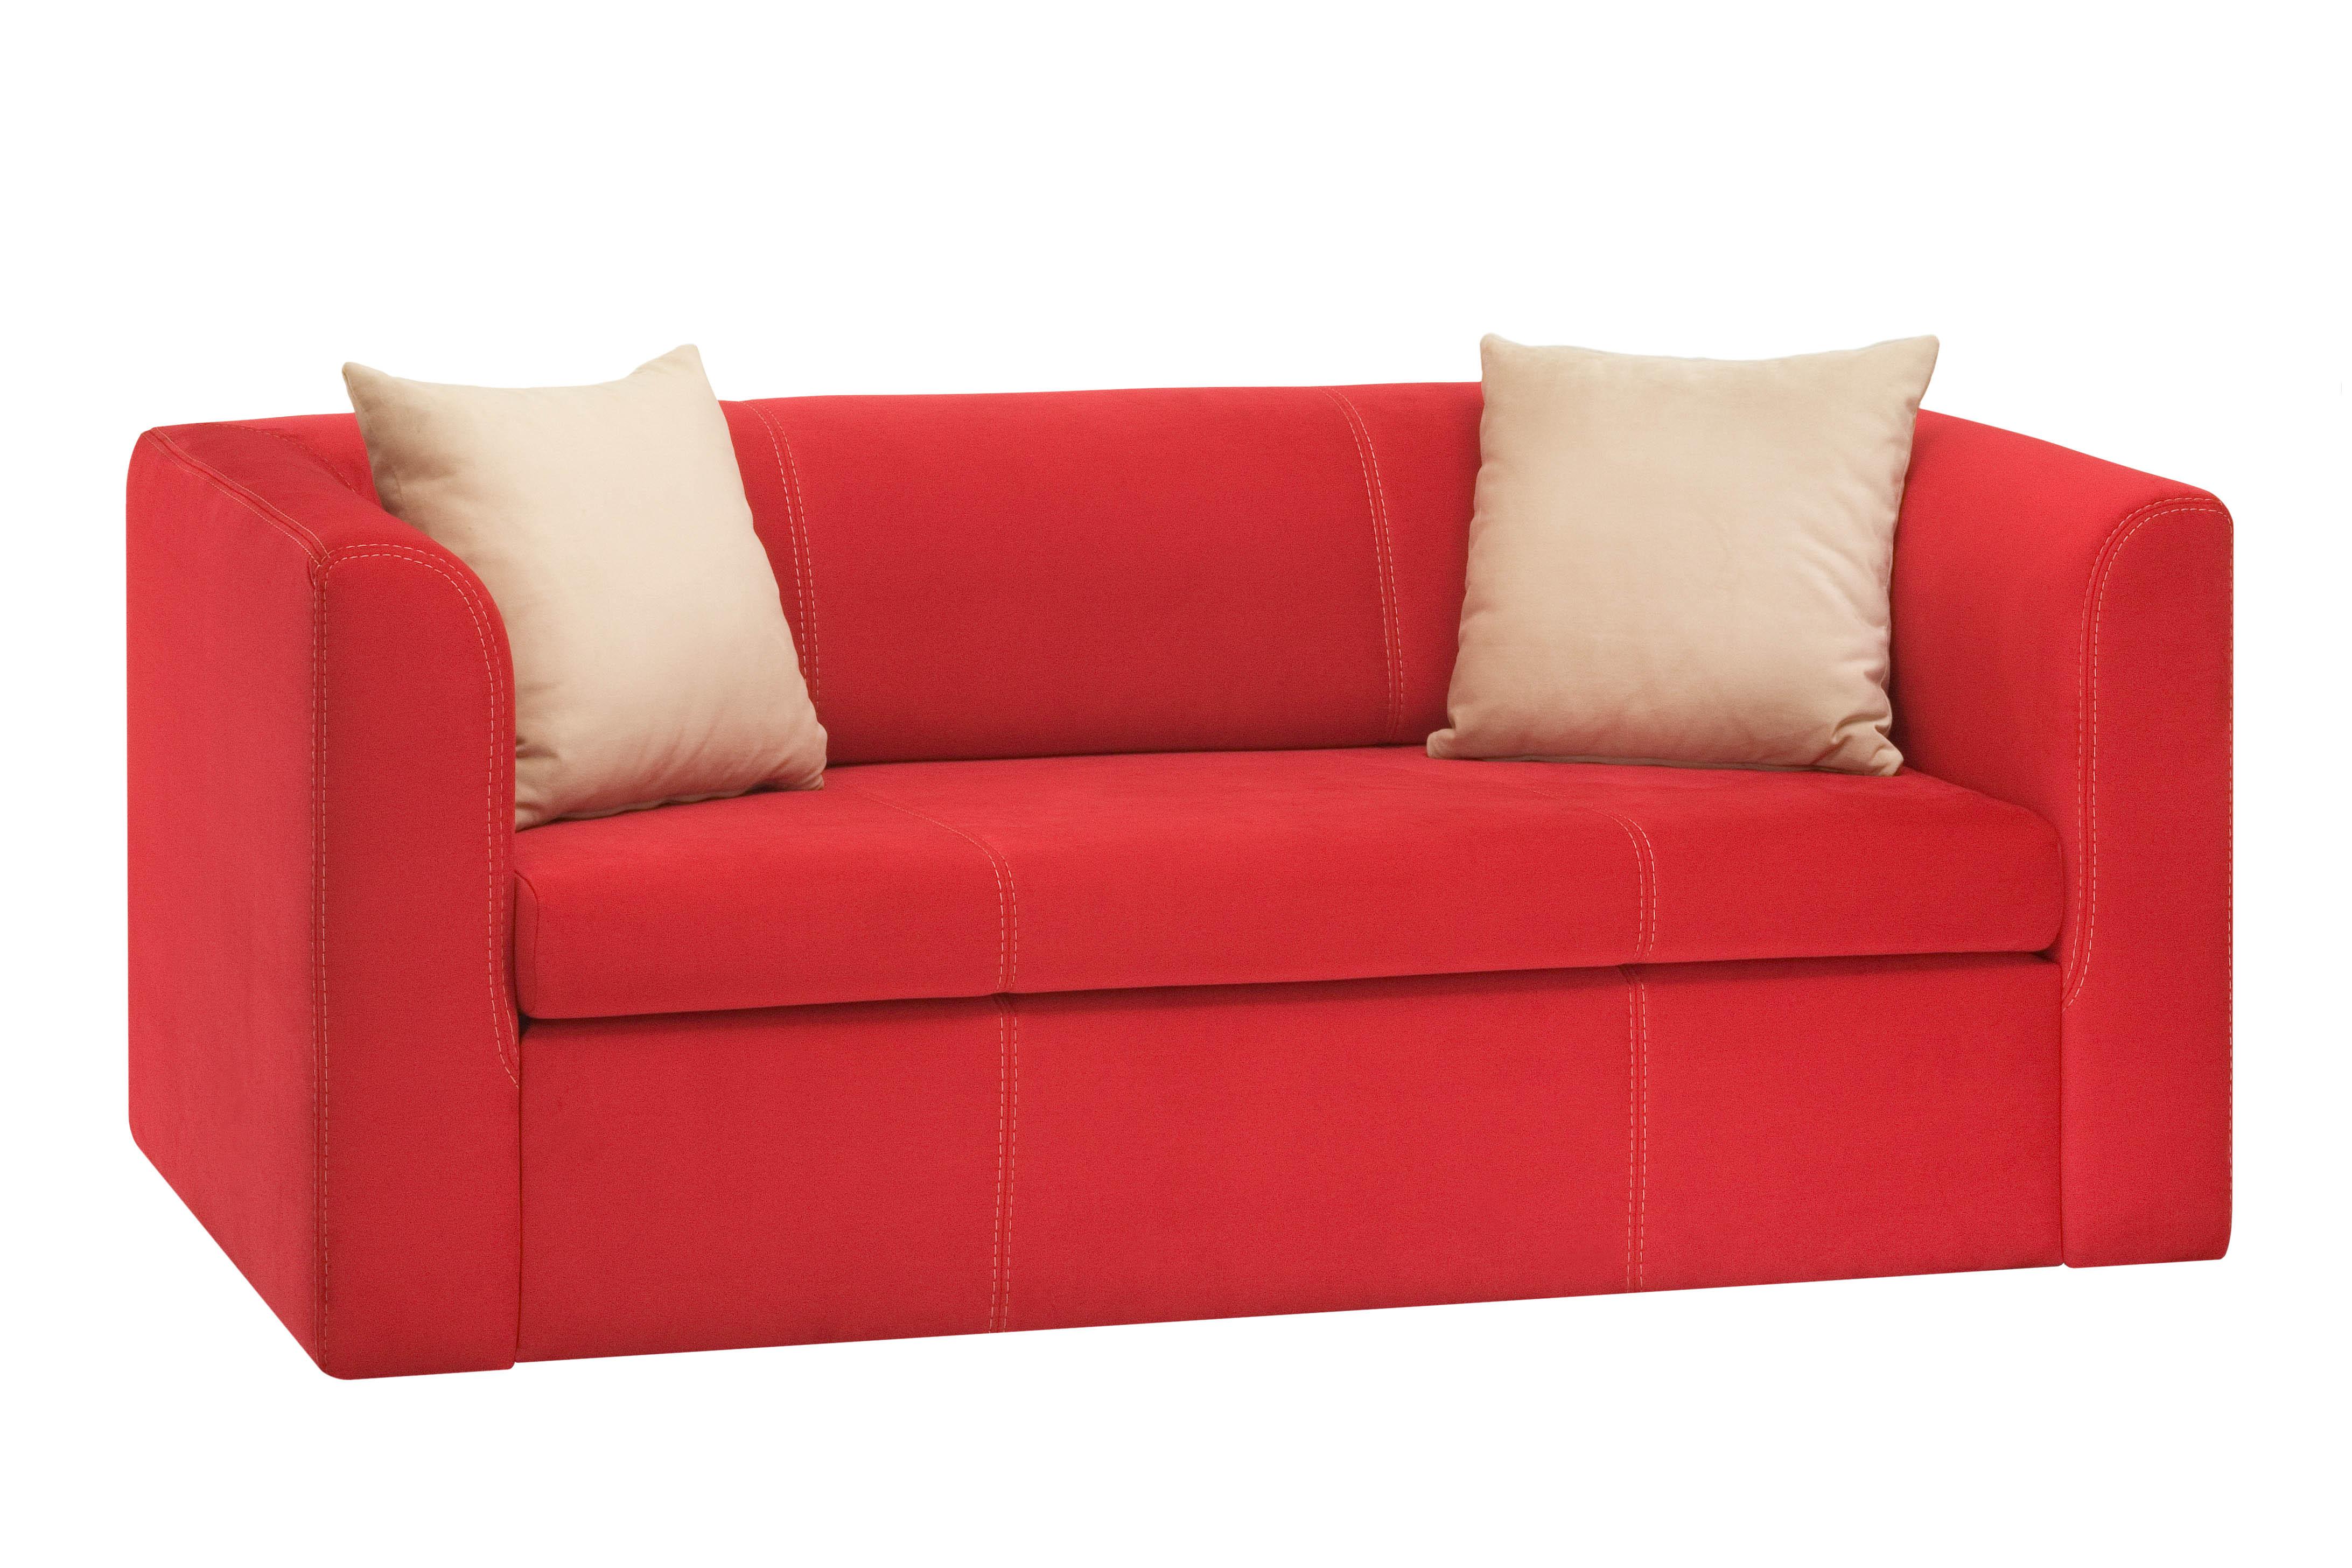 Canapea Extensibila Rosu Poza